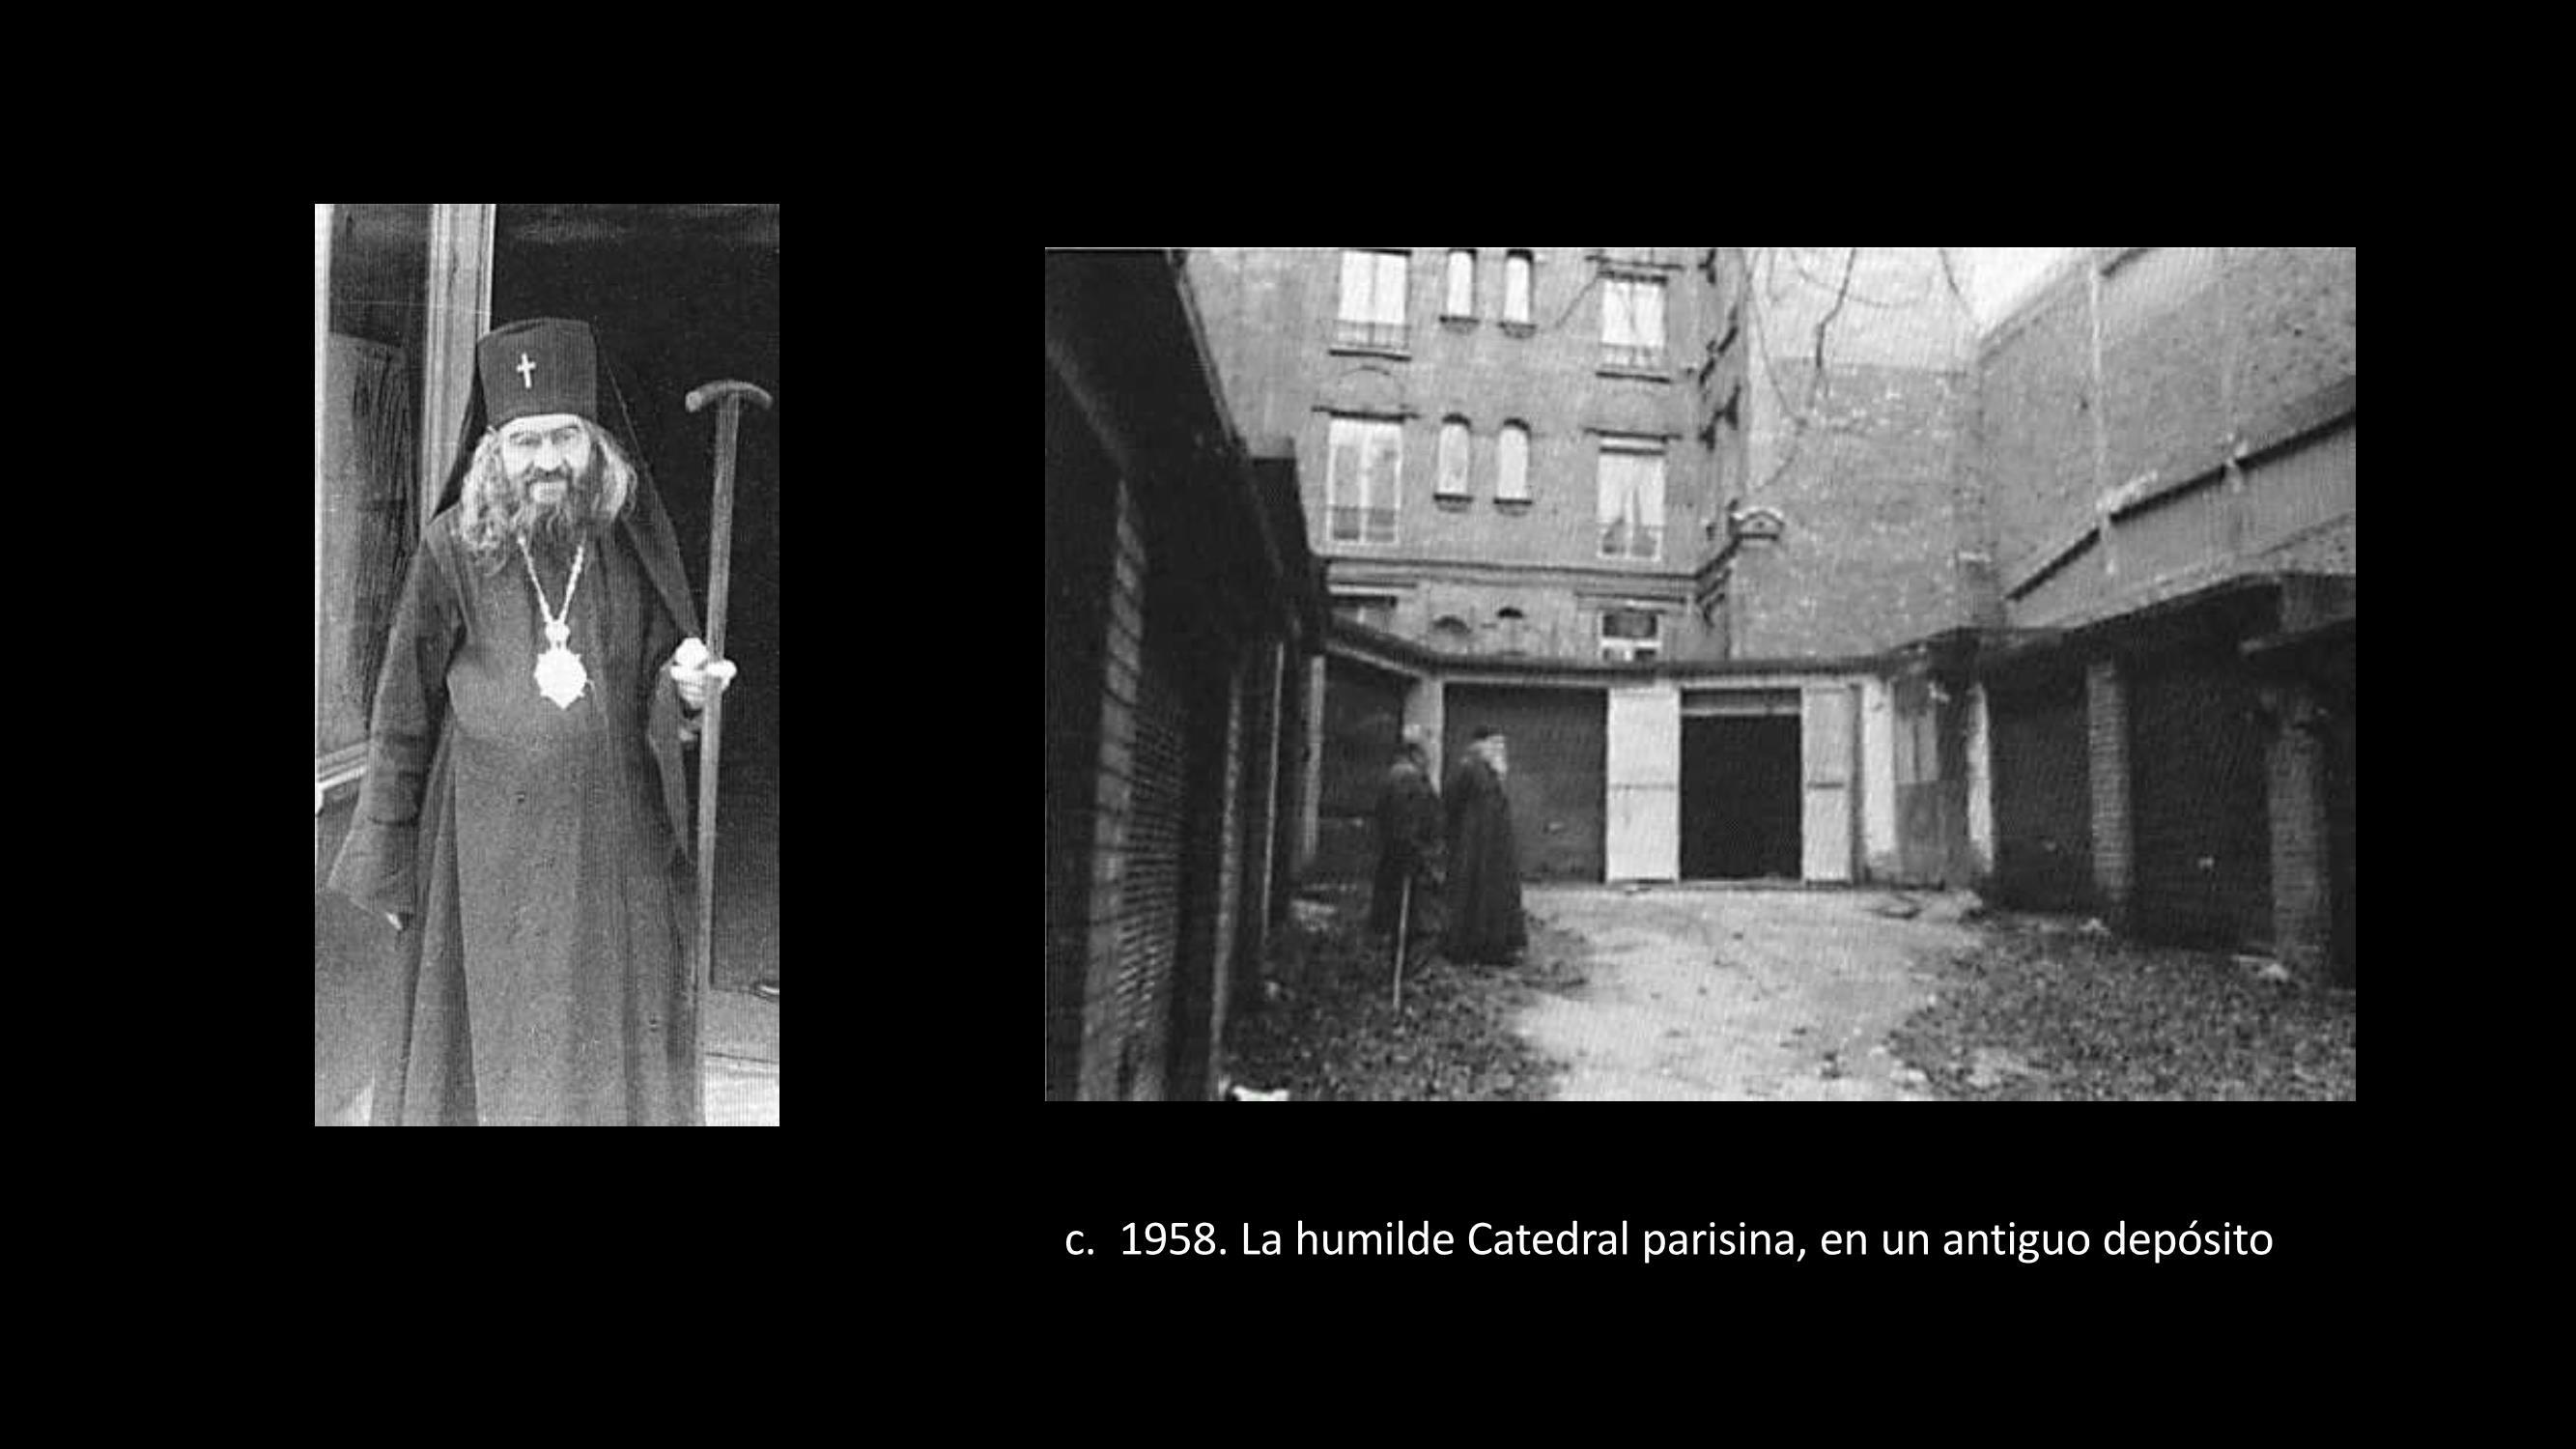 [52] El Arzobispo y la humilde catedral pariense, en un depósito antiguo